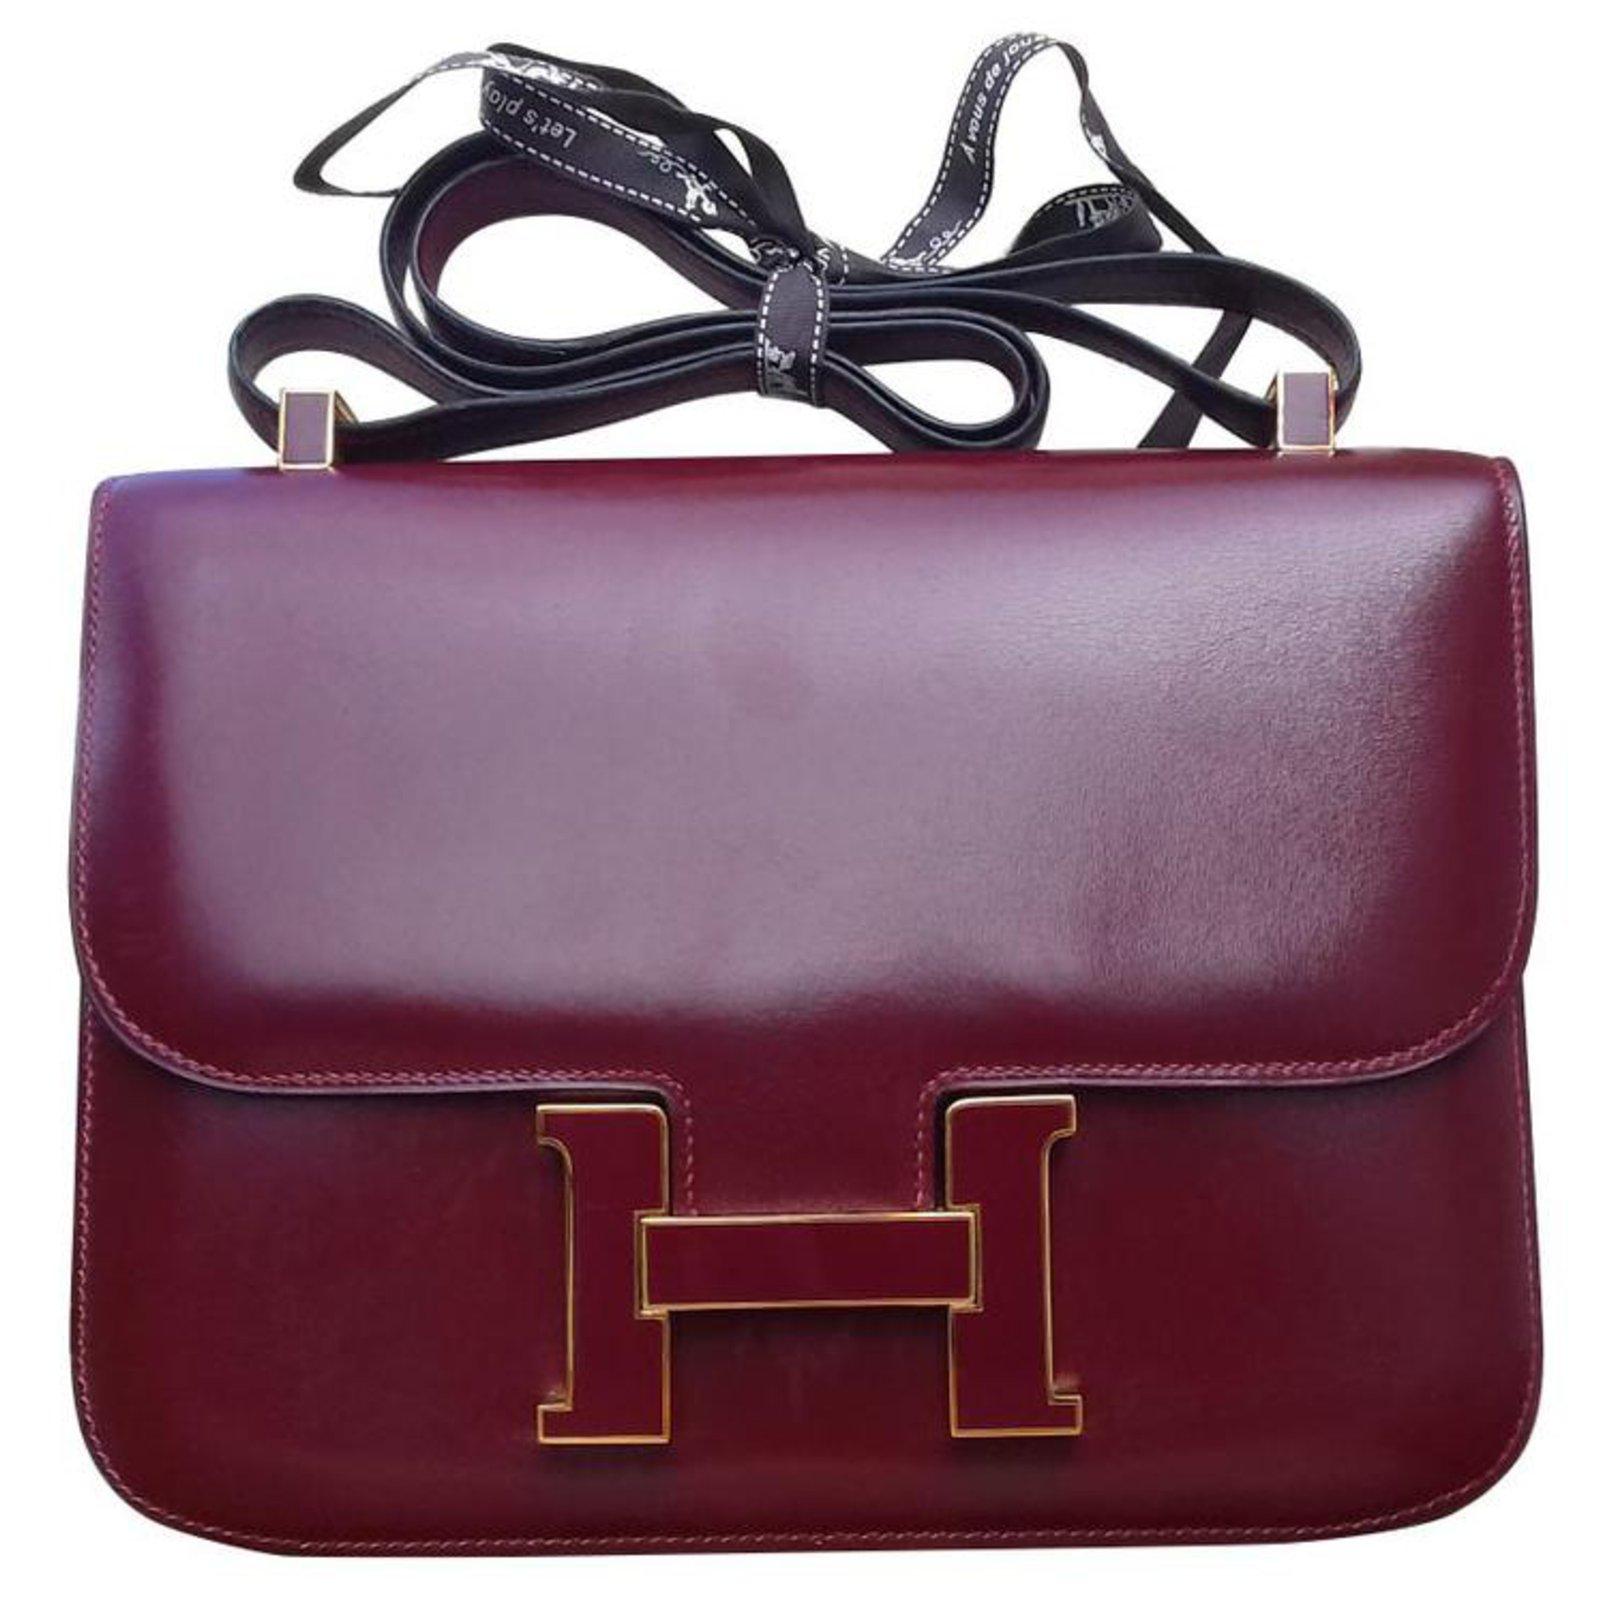 Sac à main Hermès Constance Box Rouge H 23 cm Boucle émaillée